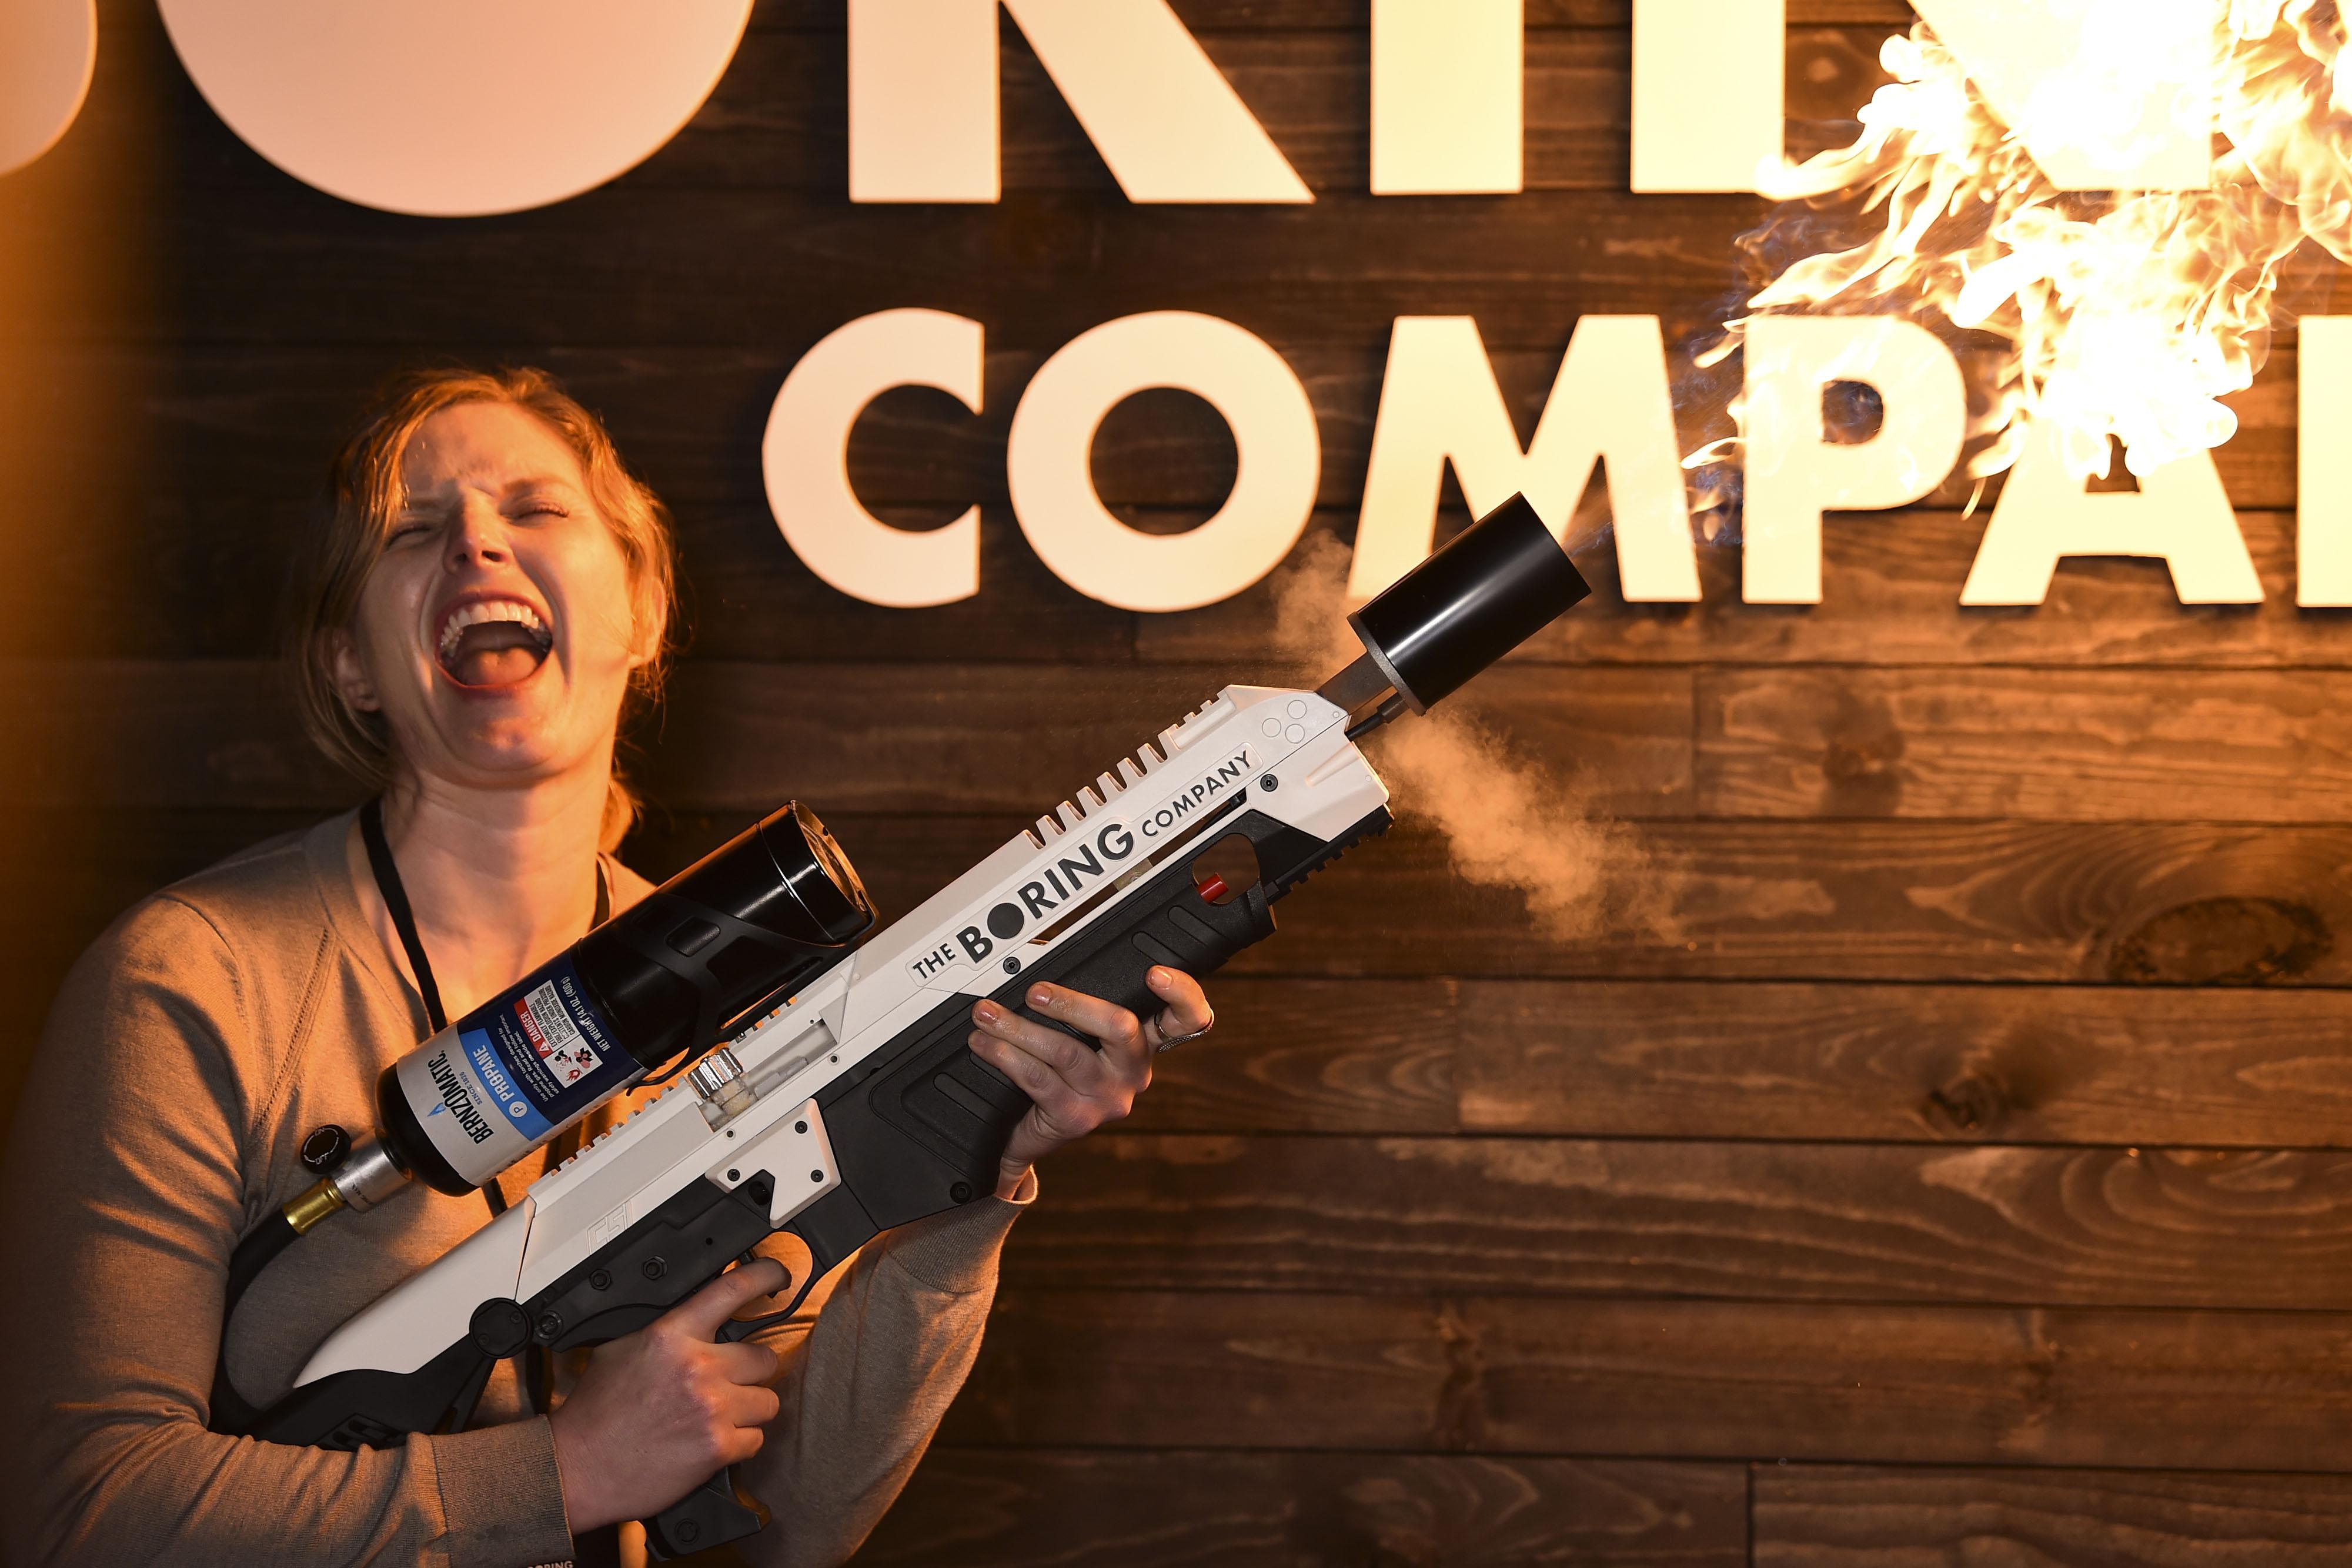 Огнемет, разработанный The Boring Company